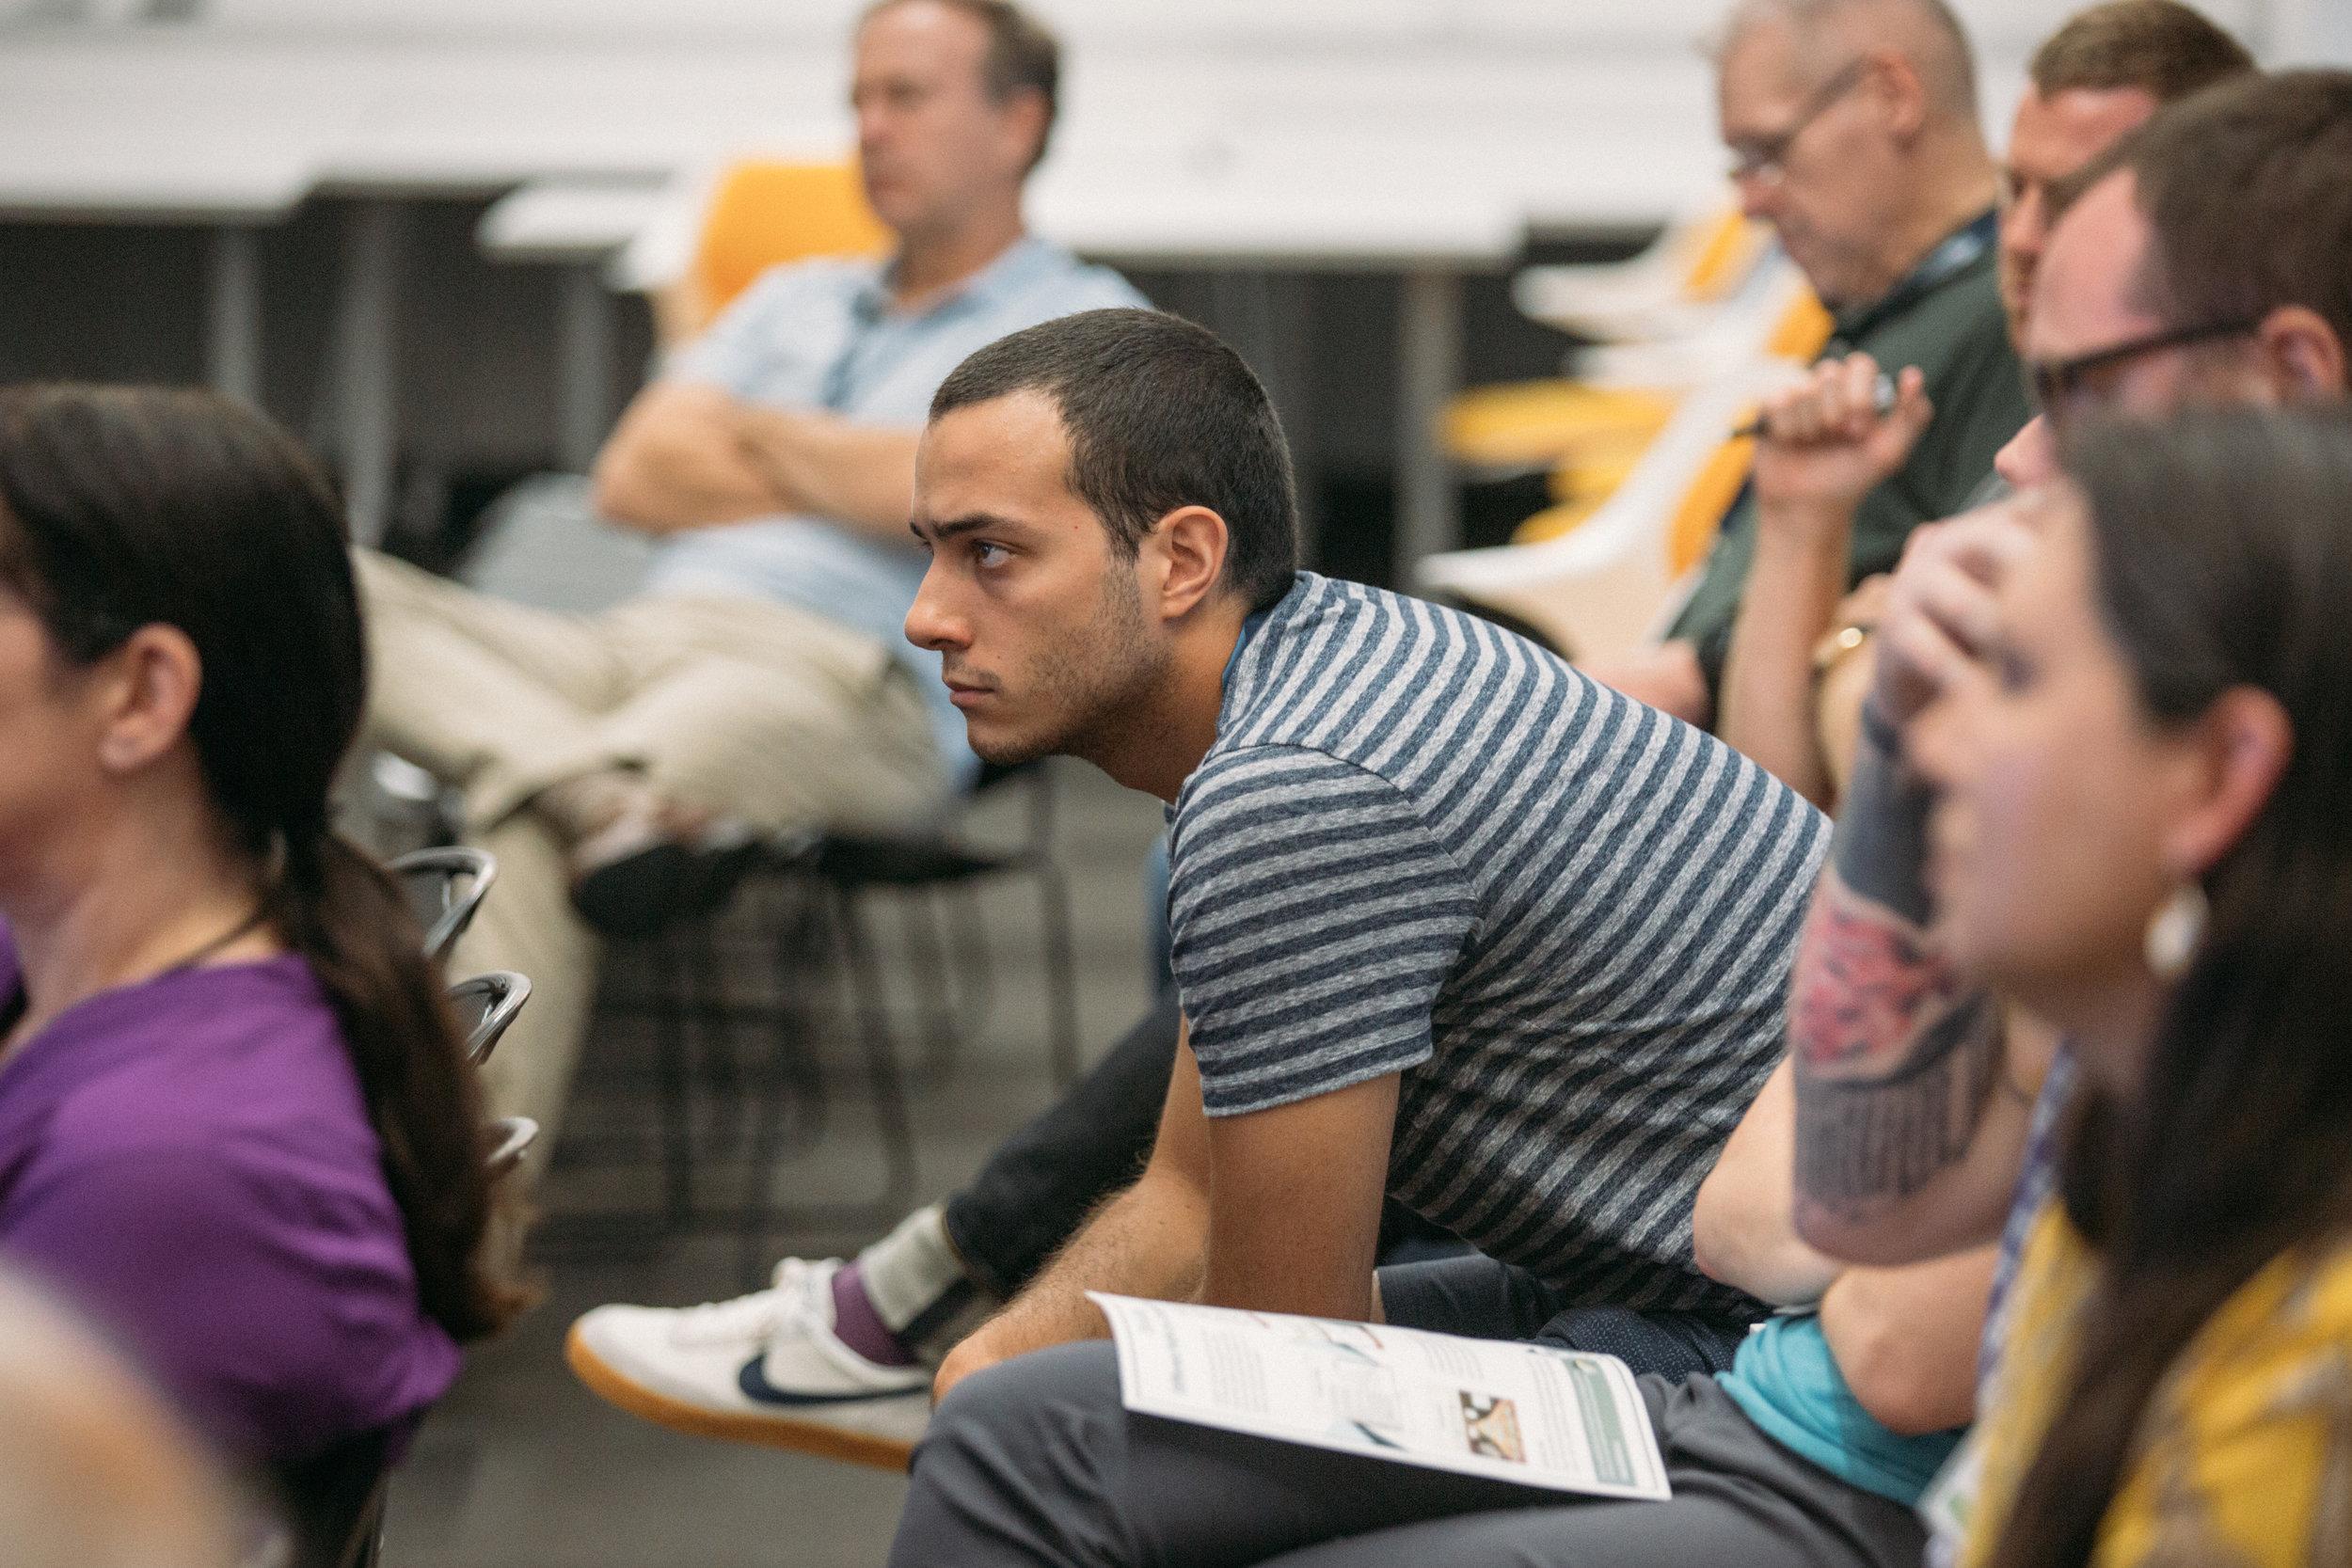 ProductCamp Cincinnati Audience Engaged.JPG